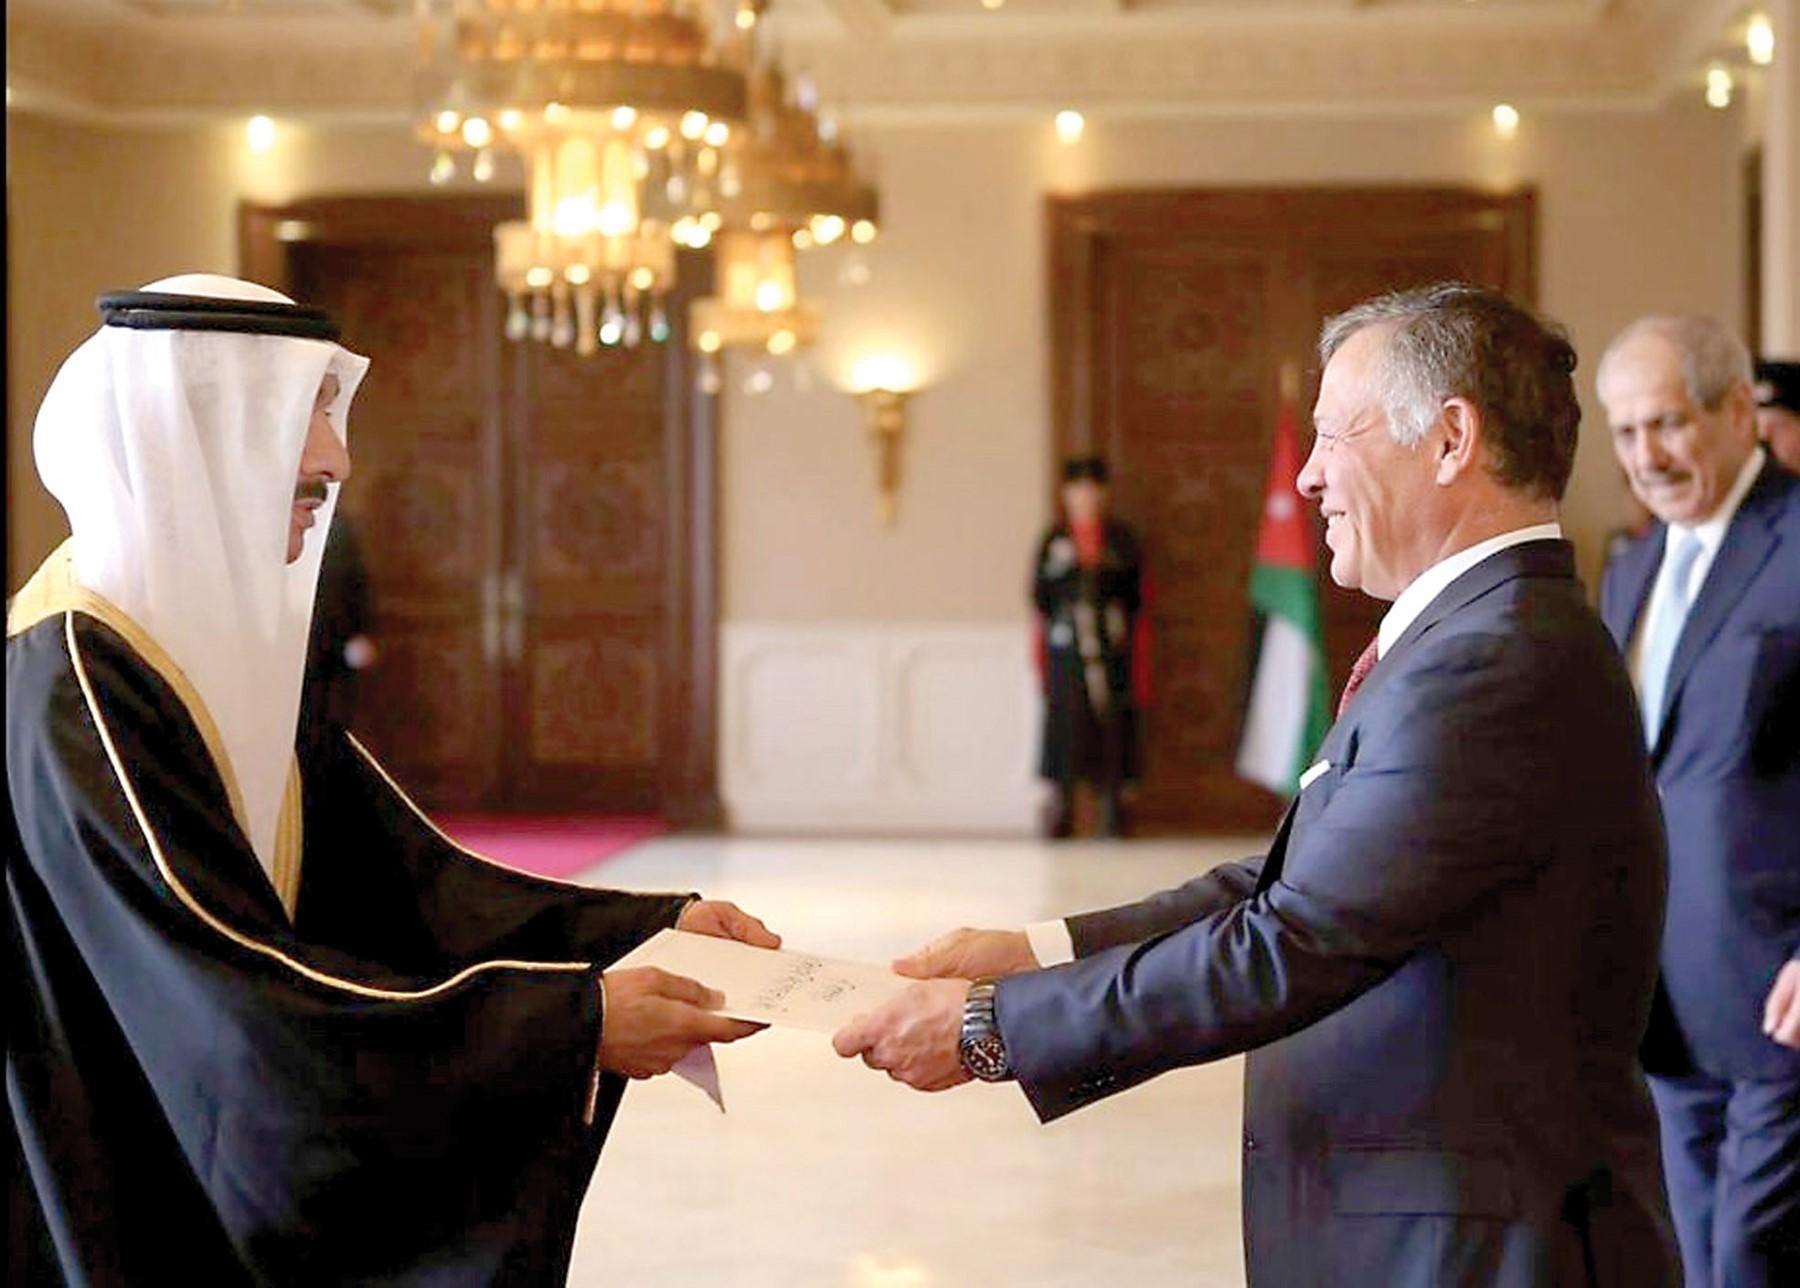 صورة السفير البحريني: نعتز بالعلاقات مع الاردن ونقدر دعمه لأمن واستقرار البحرين